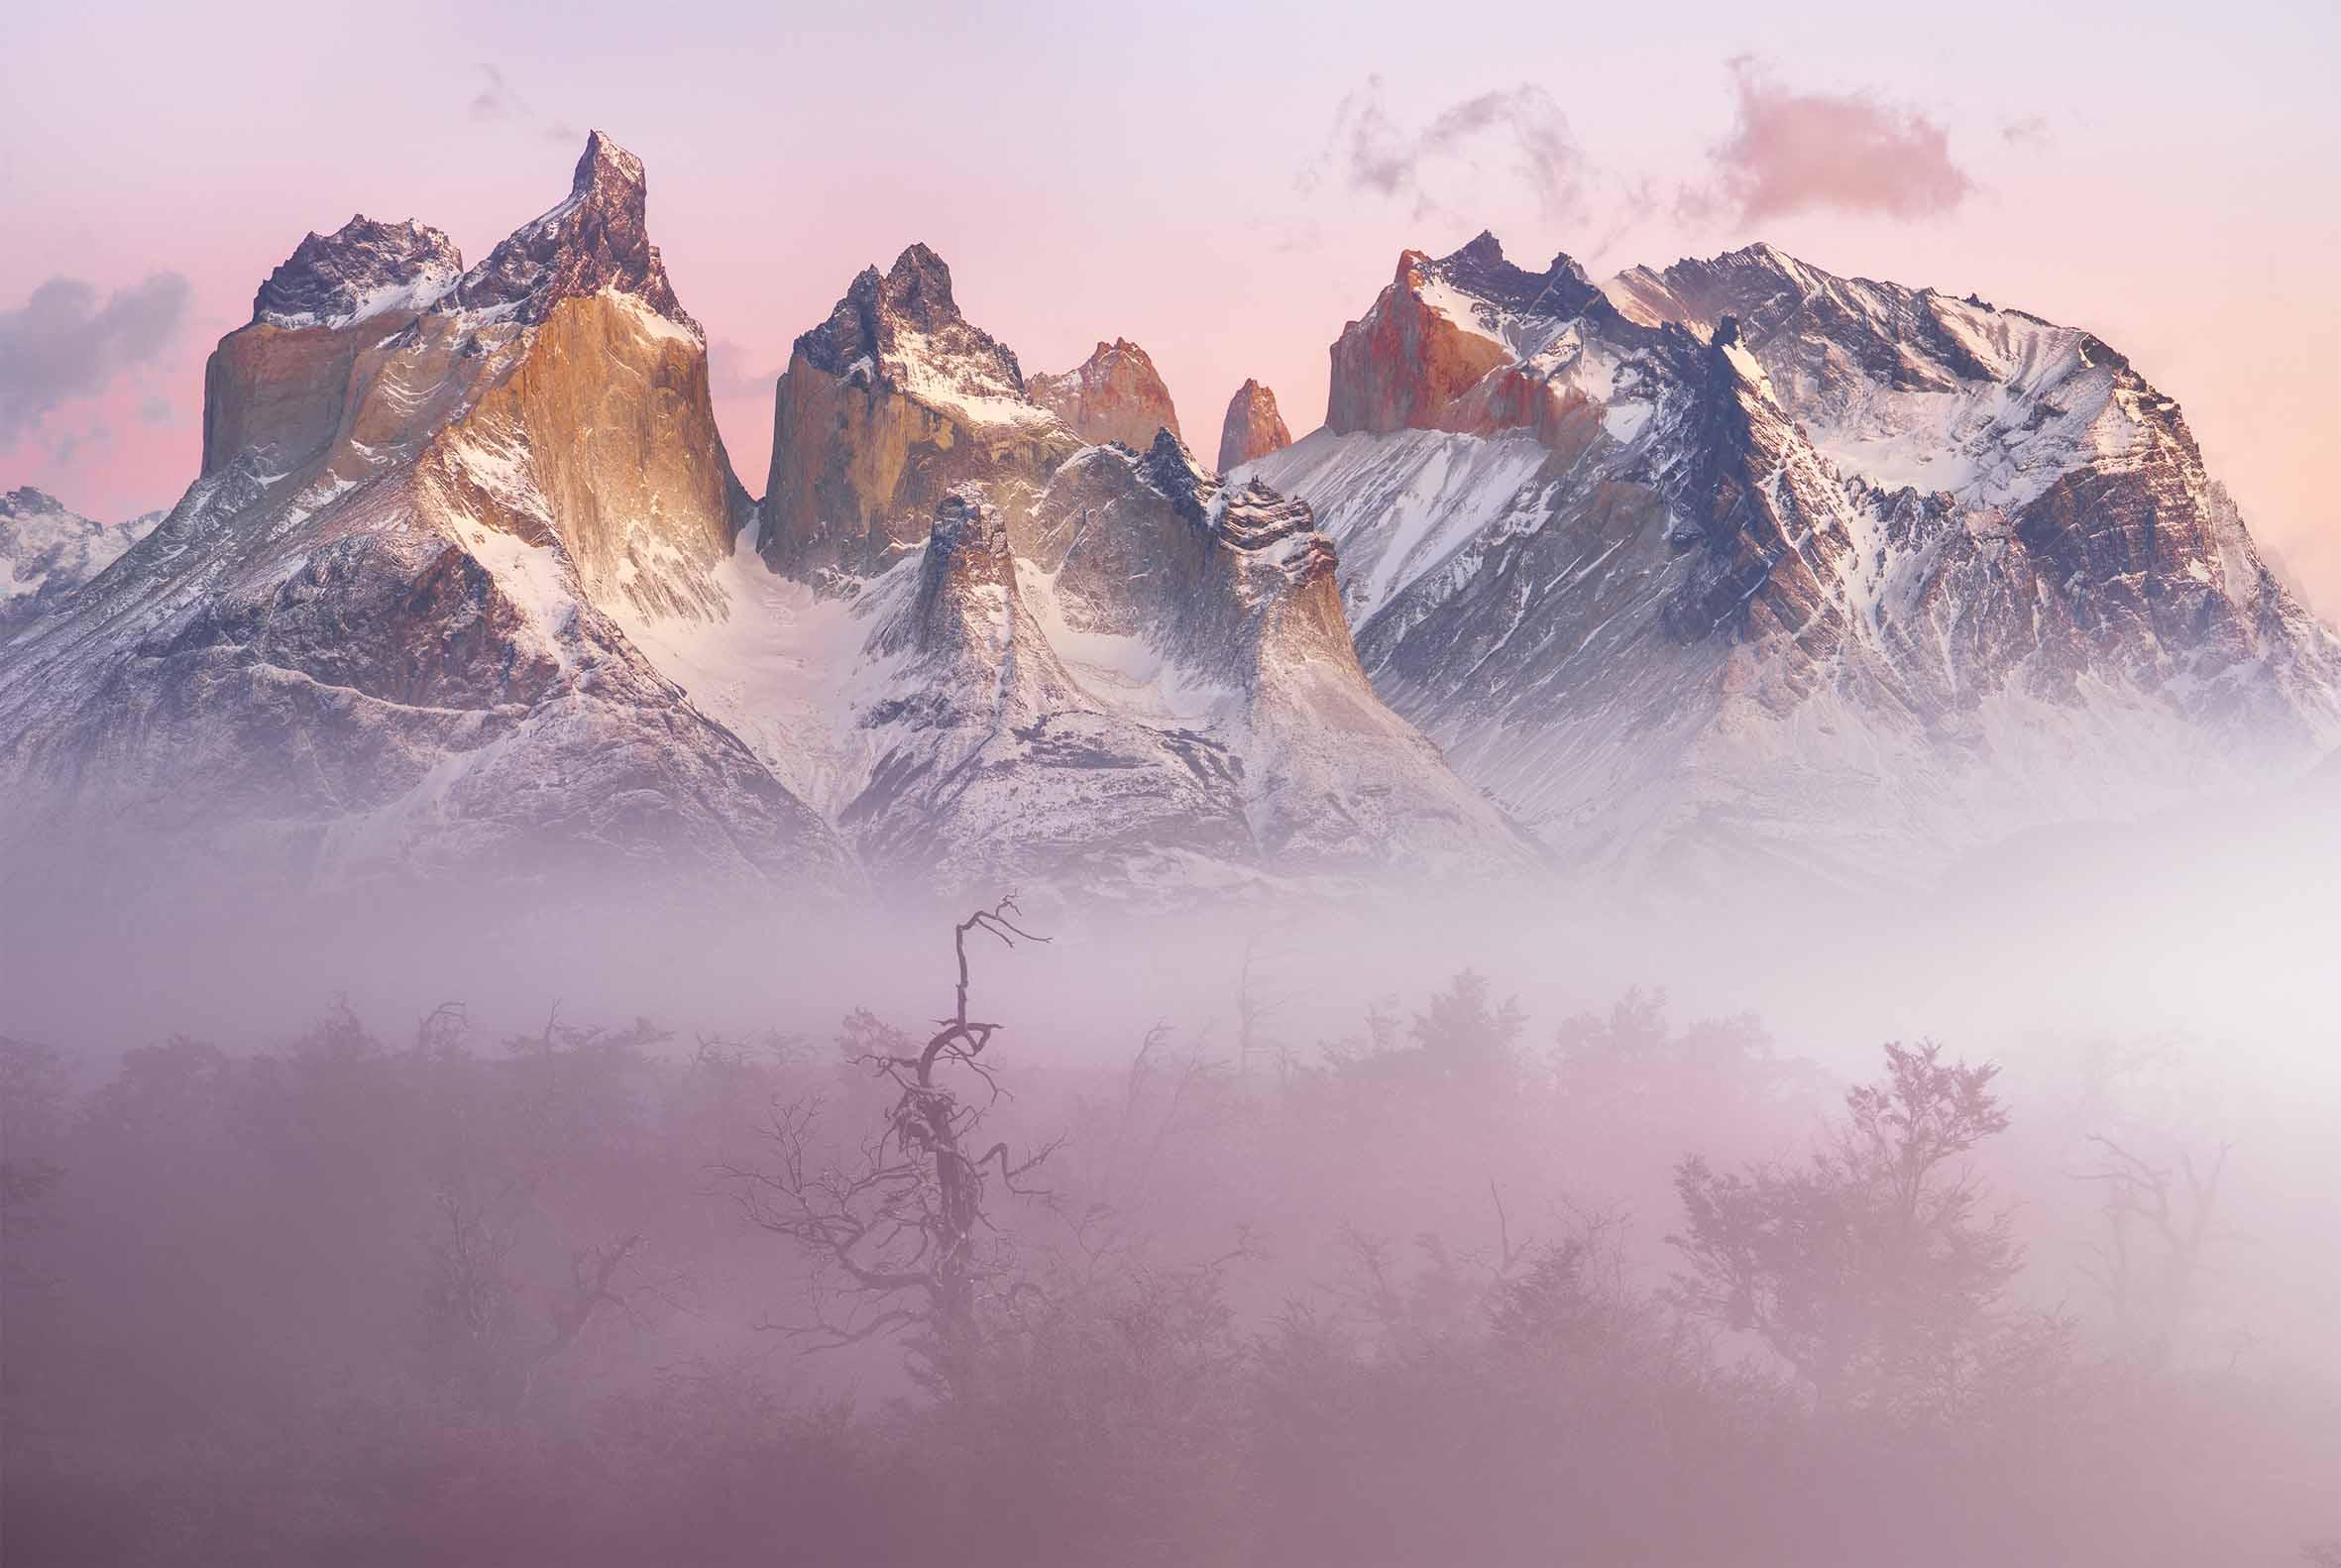 Torres del Paine, Patagonia, Chile by Ignacio Palacios